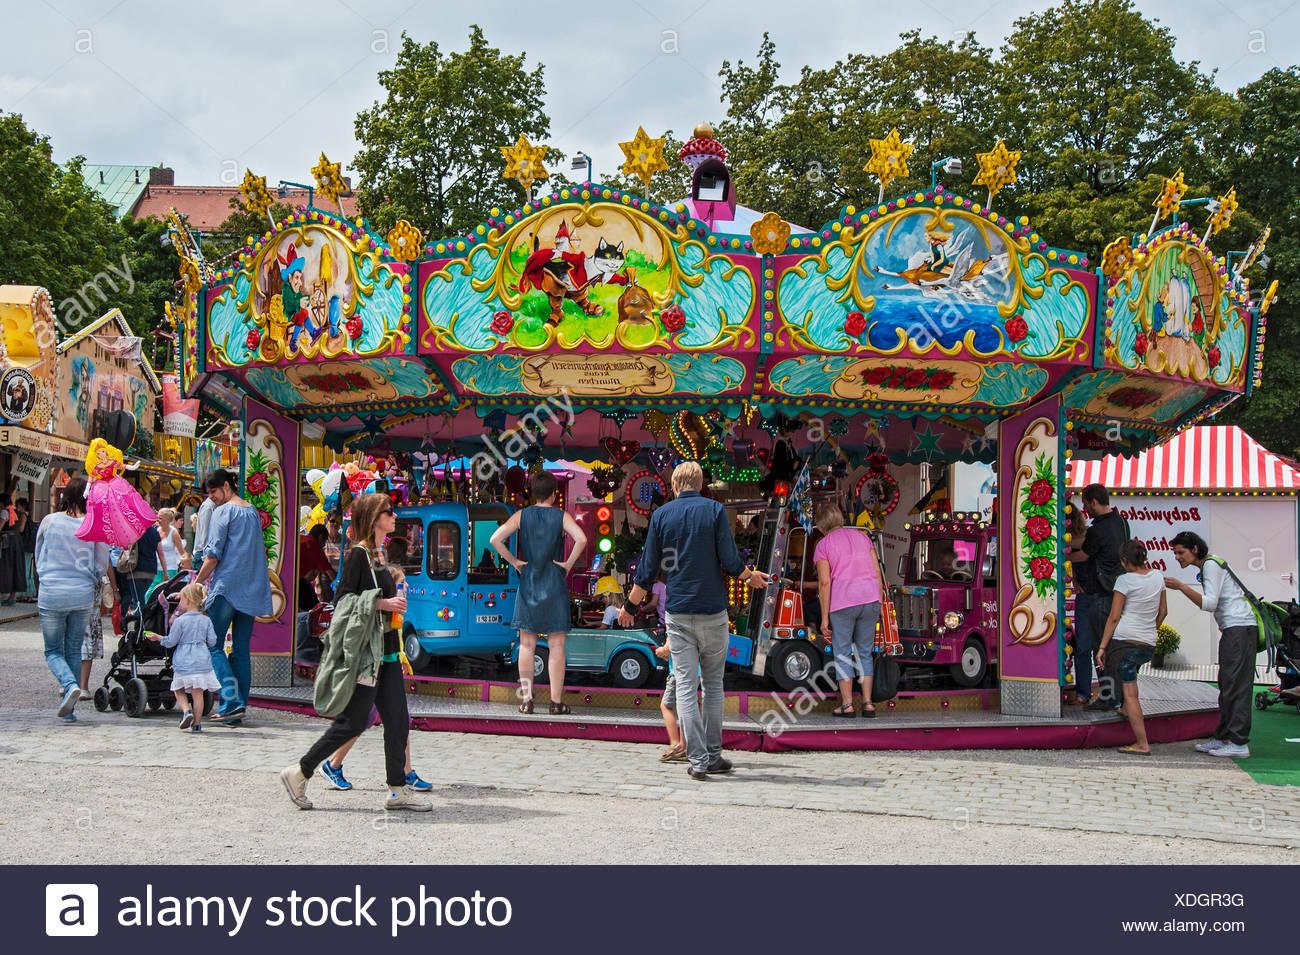 Enfants nostalgique&#39;s carousel, Auer Dult, Munich, Haute-Bavière, Bavière, Allemagne Photo Stock